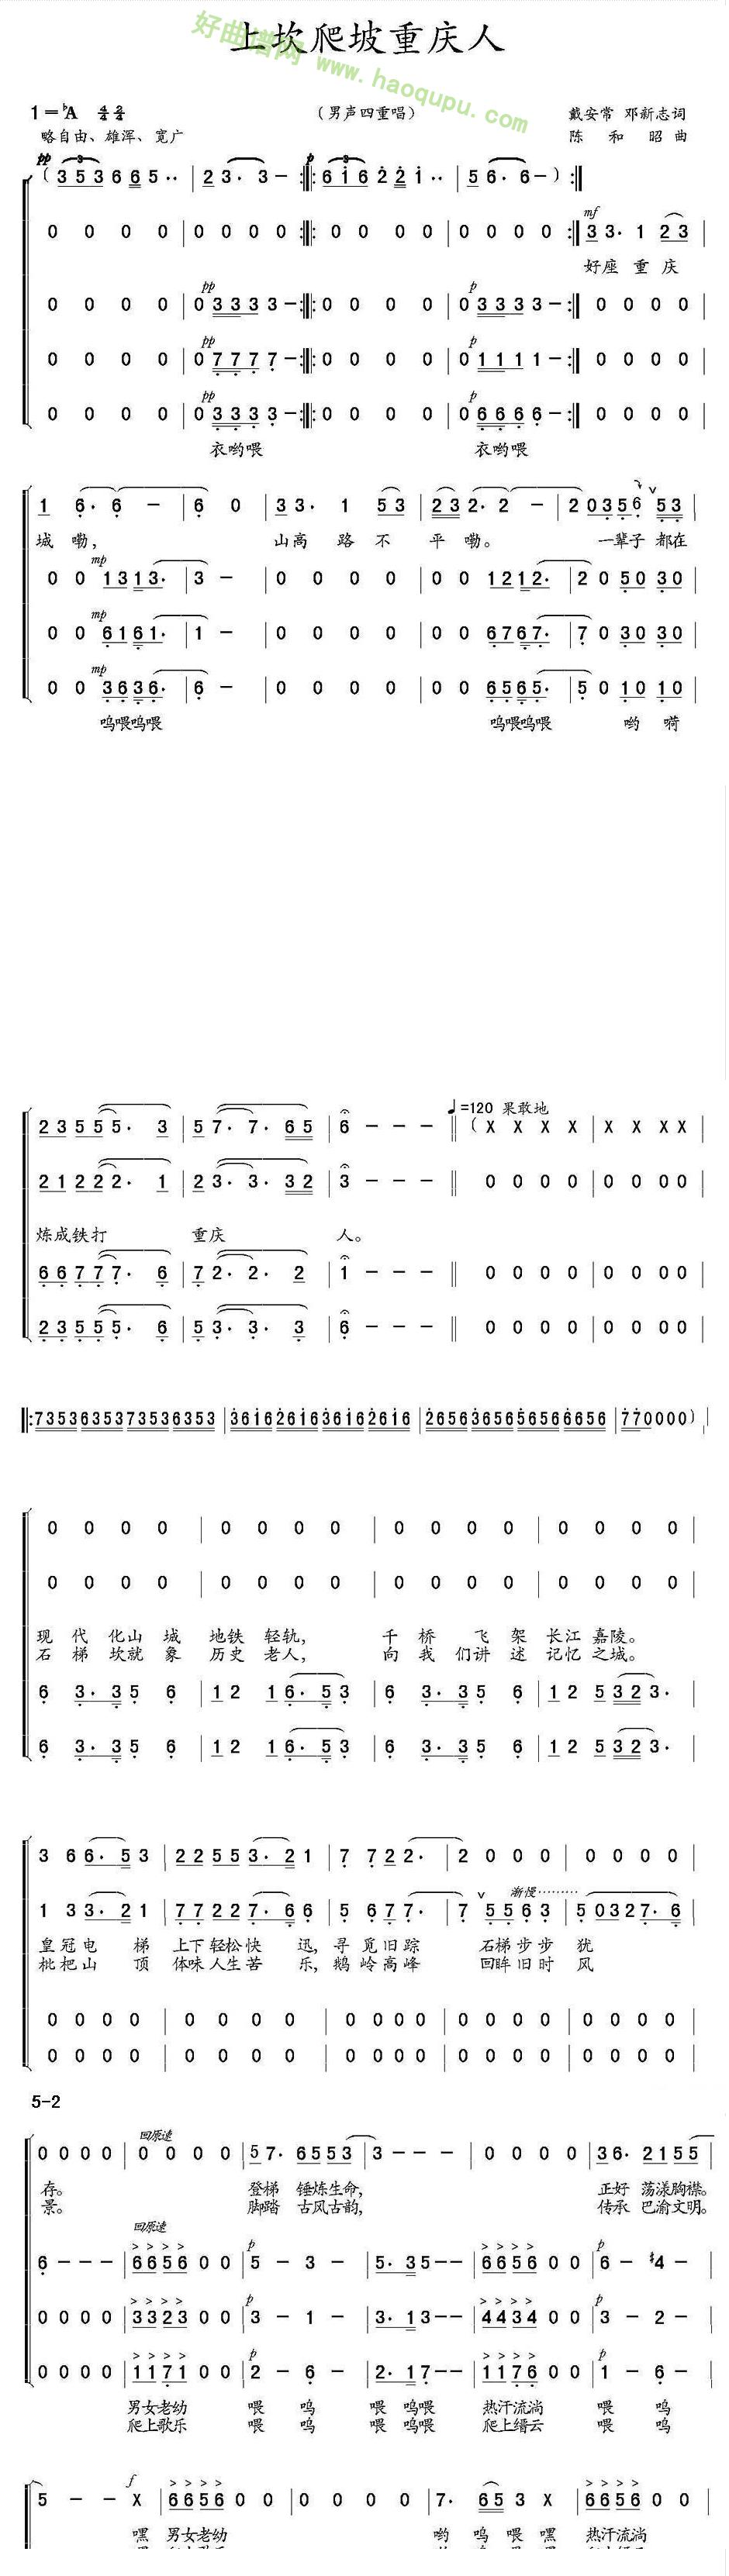 《上坎爬坡重庆人》 合唱谱第1张